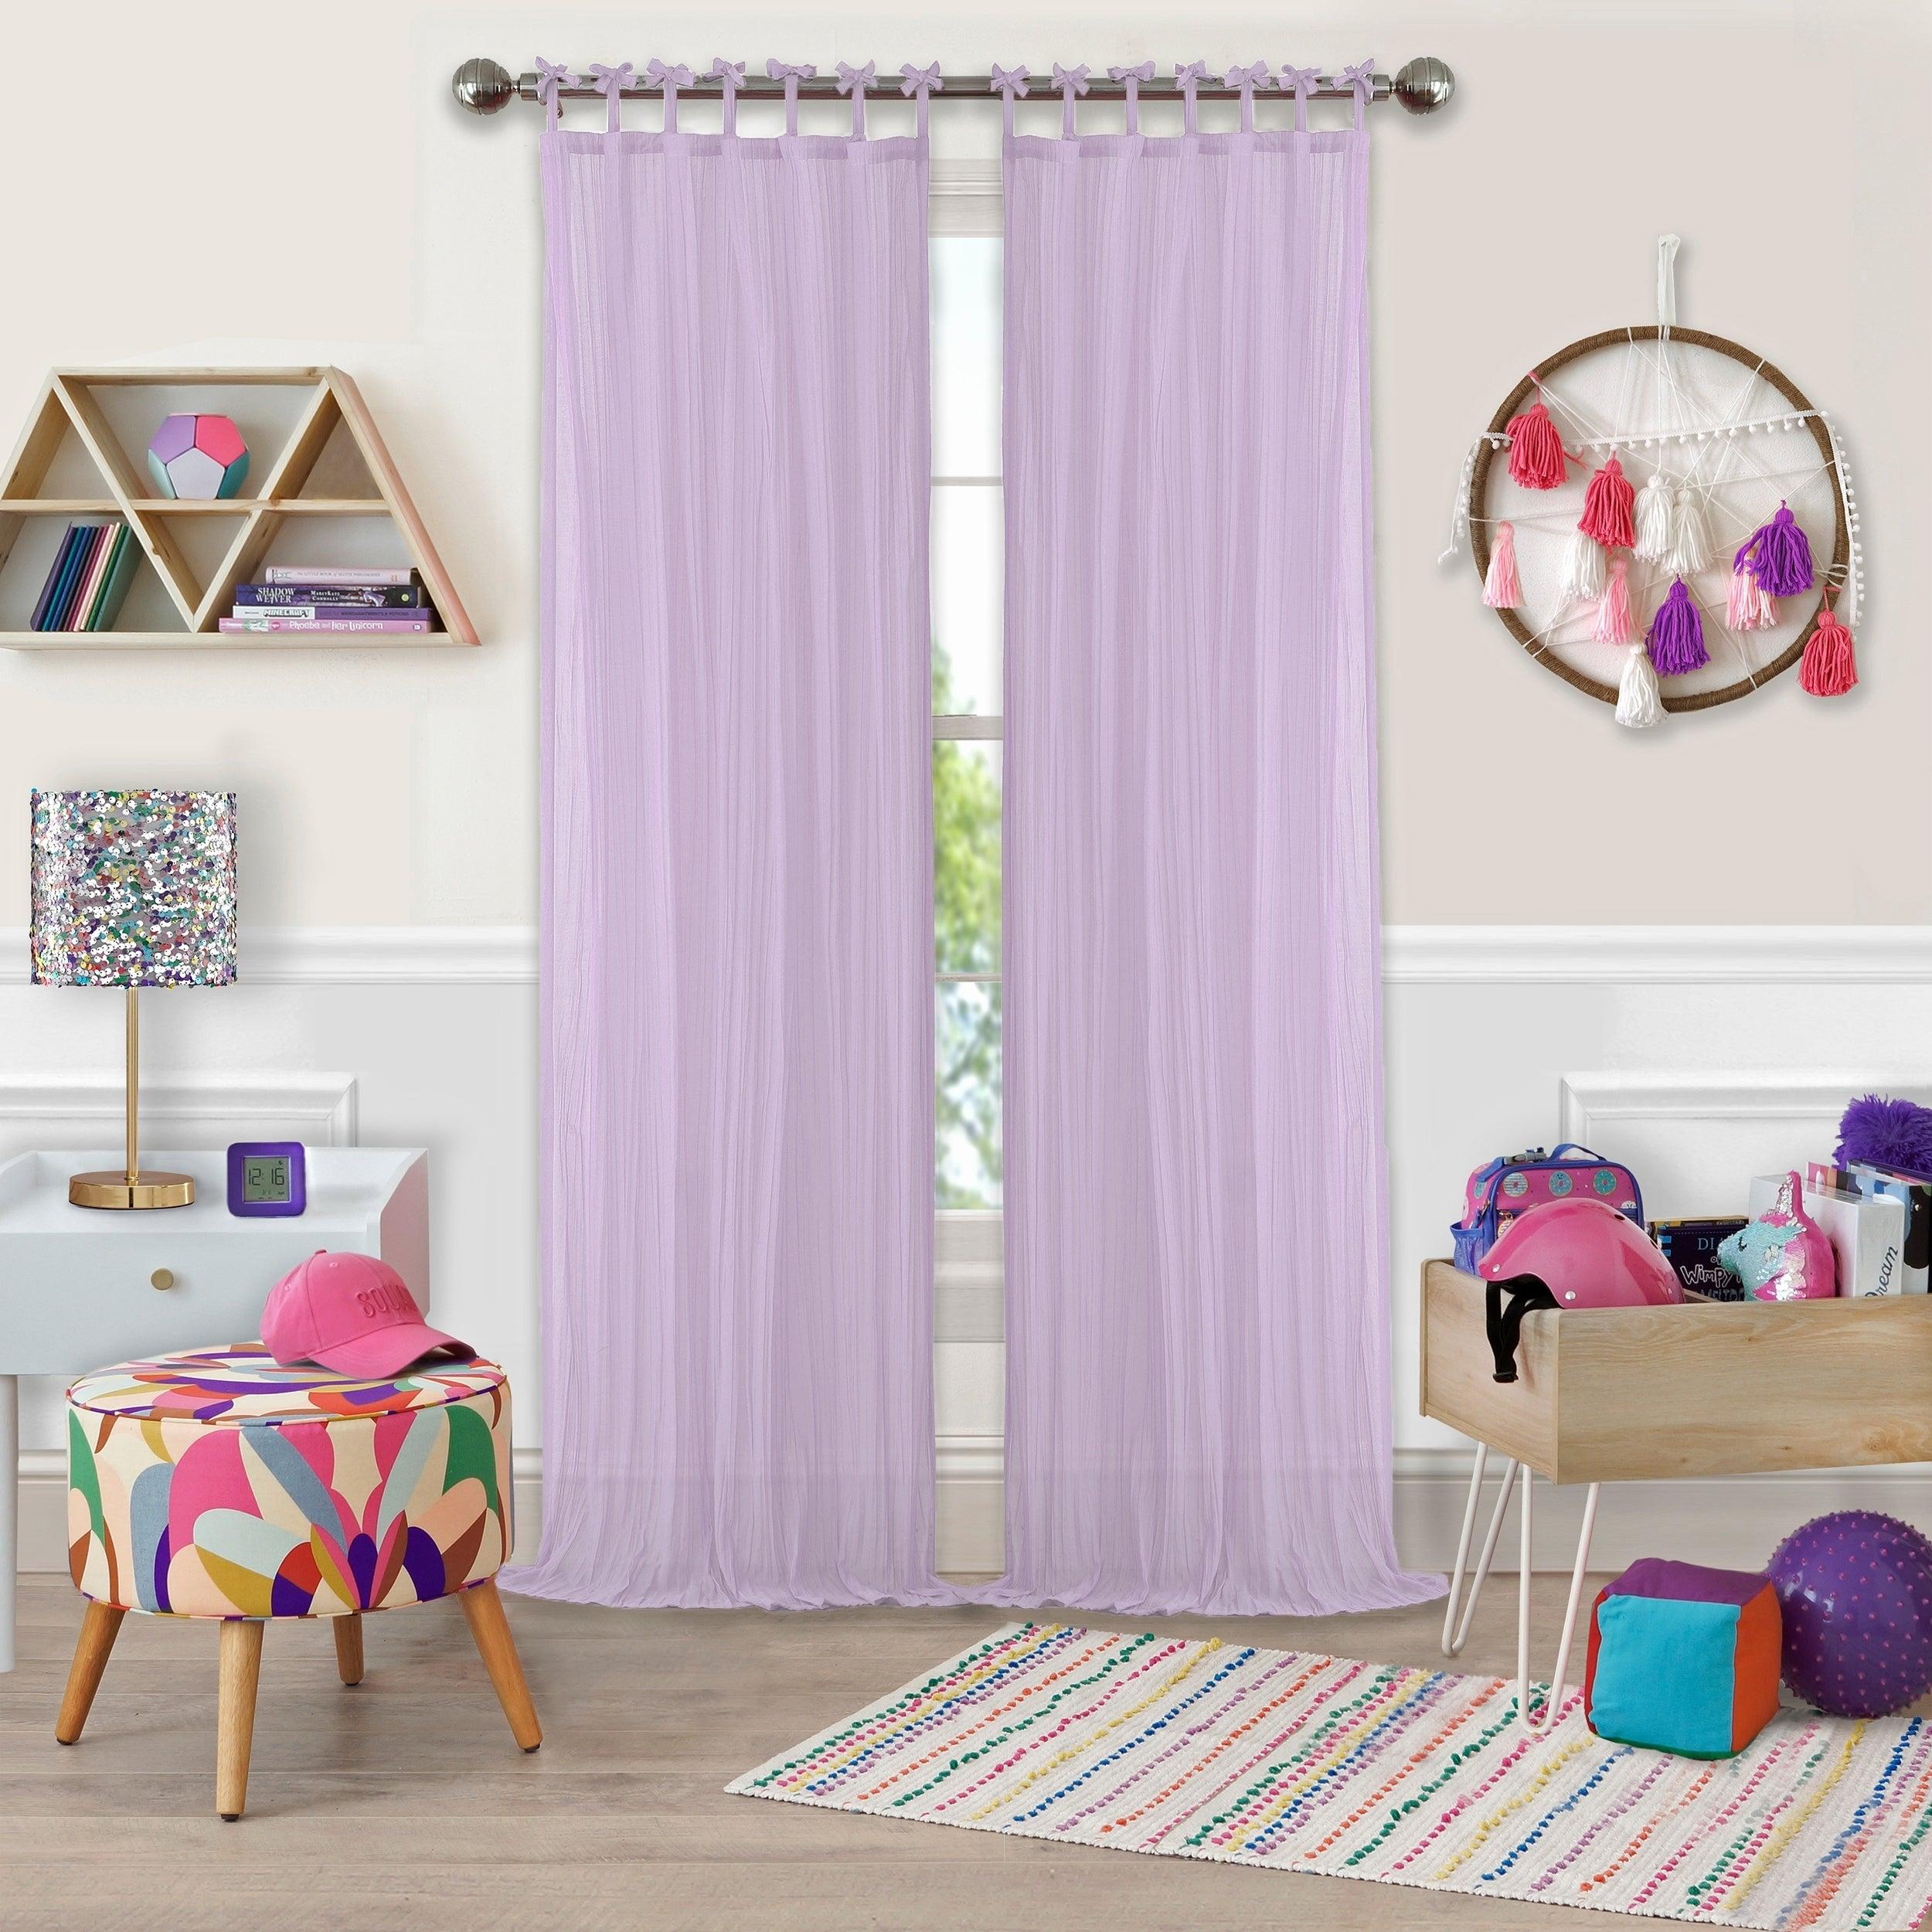 Elrene Greta Kid's Tab Top Sheer Window Curtain Panel With Regard To Elrene Jolie Tie Top Curtain Panels (View 18 of 20)